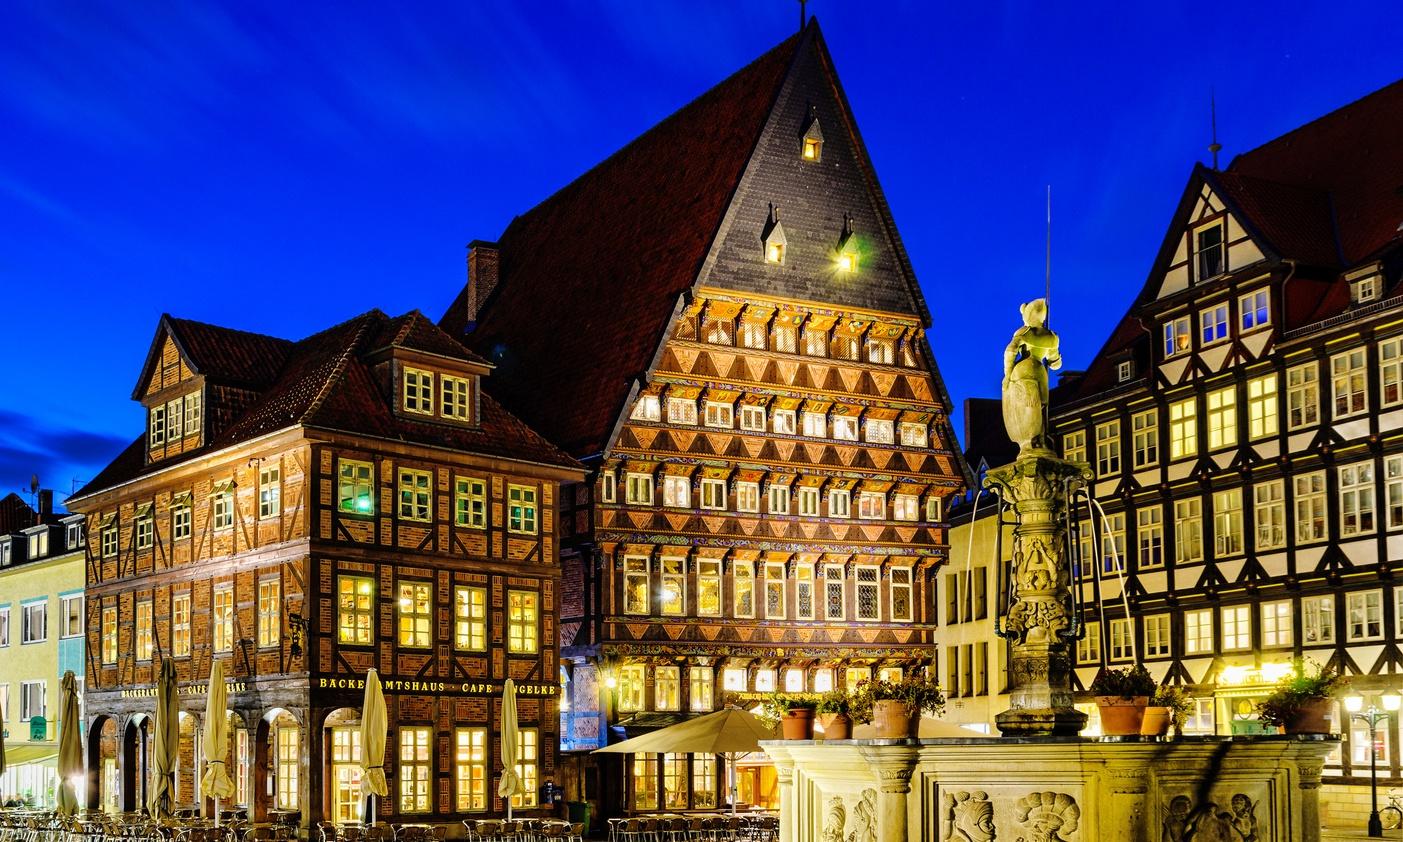 Haushaltsauflösung und Entrümpelung in Hildesheim